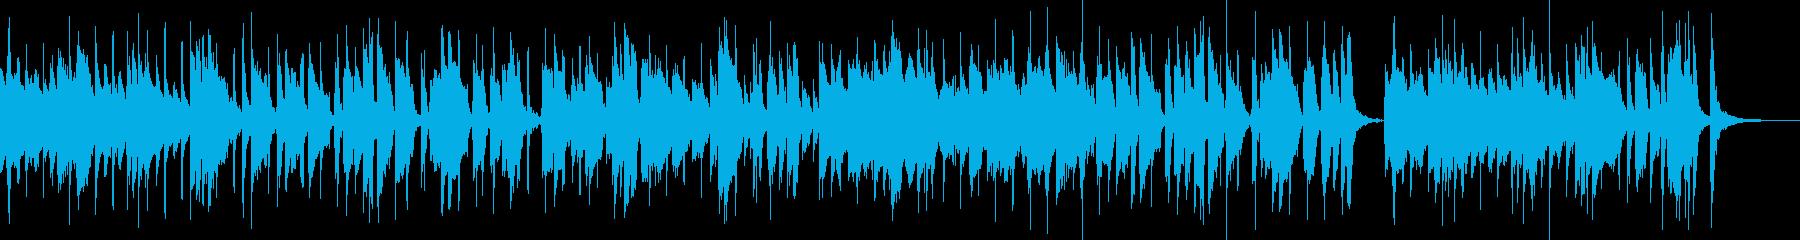 企業PV/PR CM 明るいポップジャズの再生済みの波形